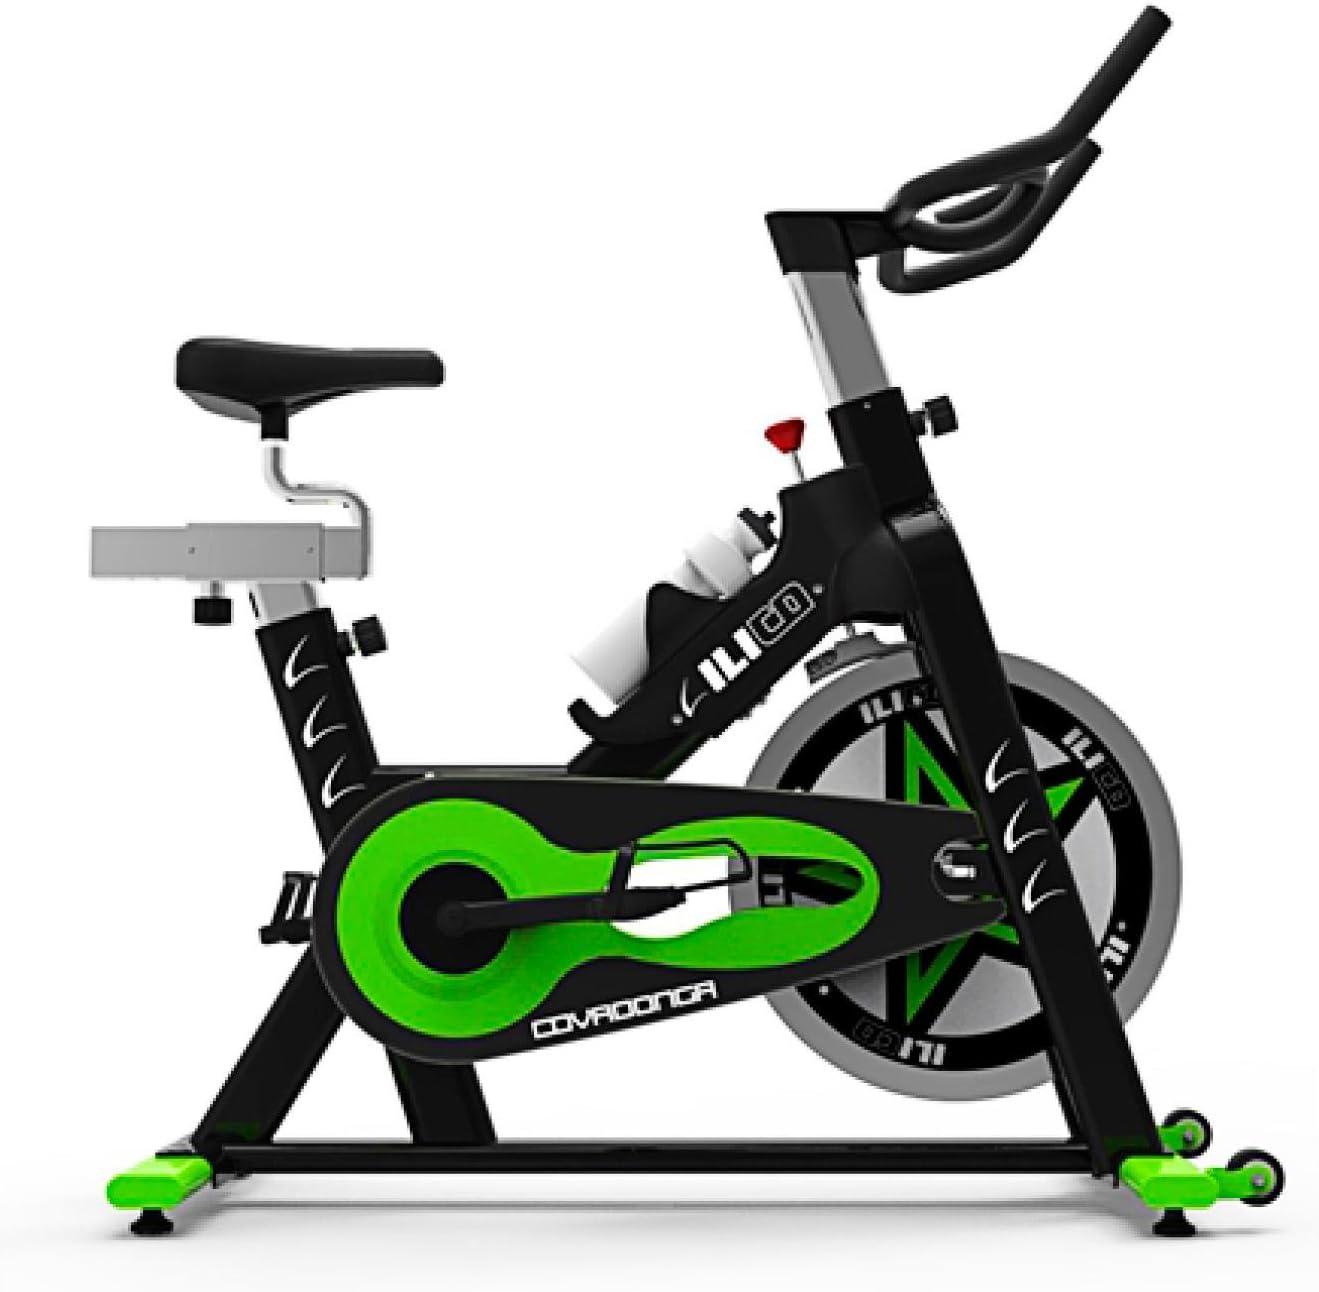 ILICO Bicicleta Indoor Covadonga Negro Verde (Talla: T.U.): Amazon.es: Deportes y aire libre